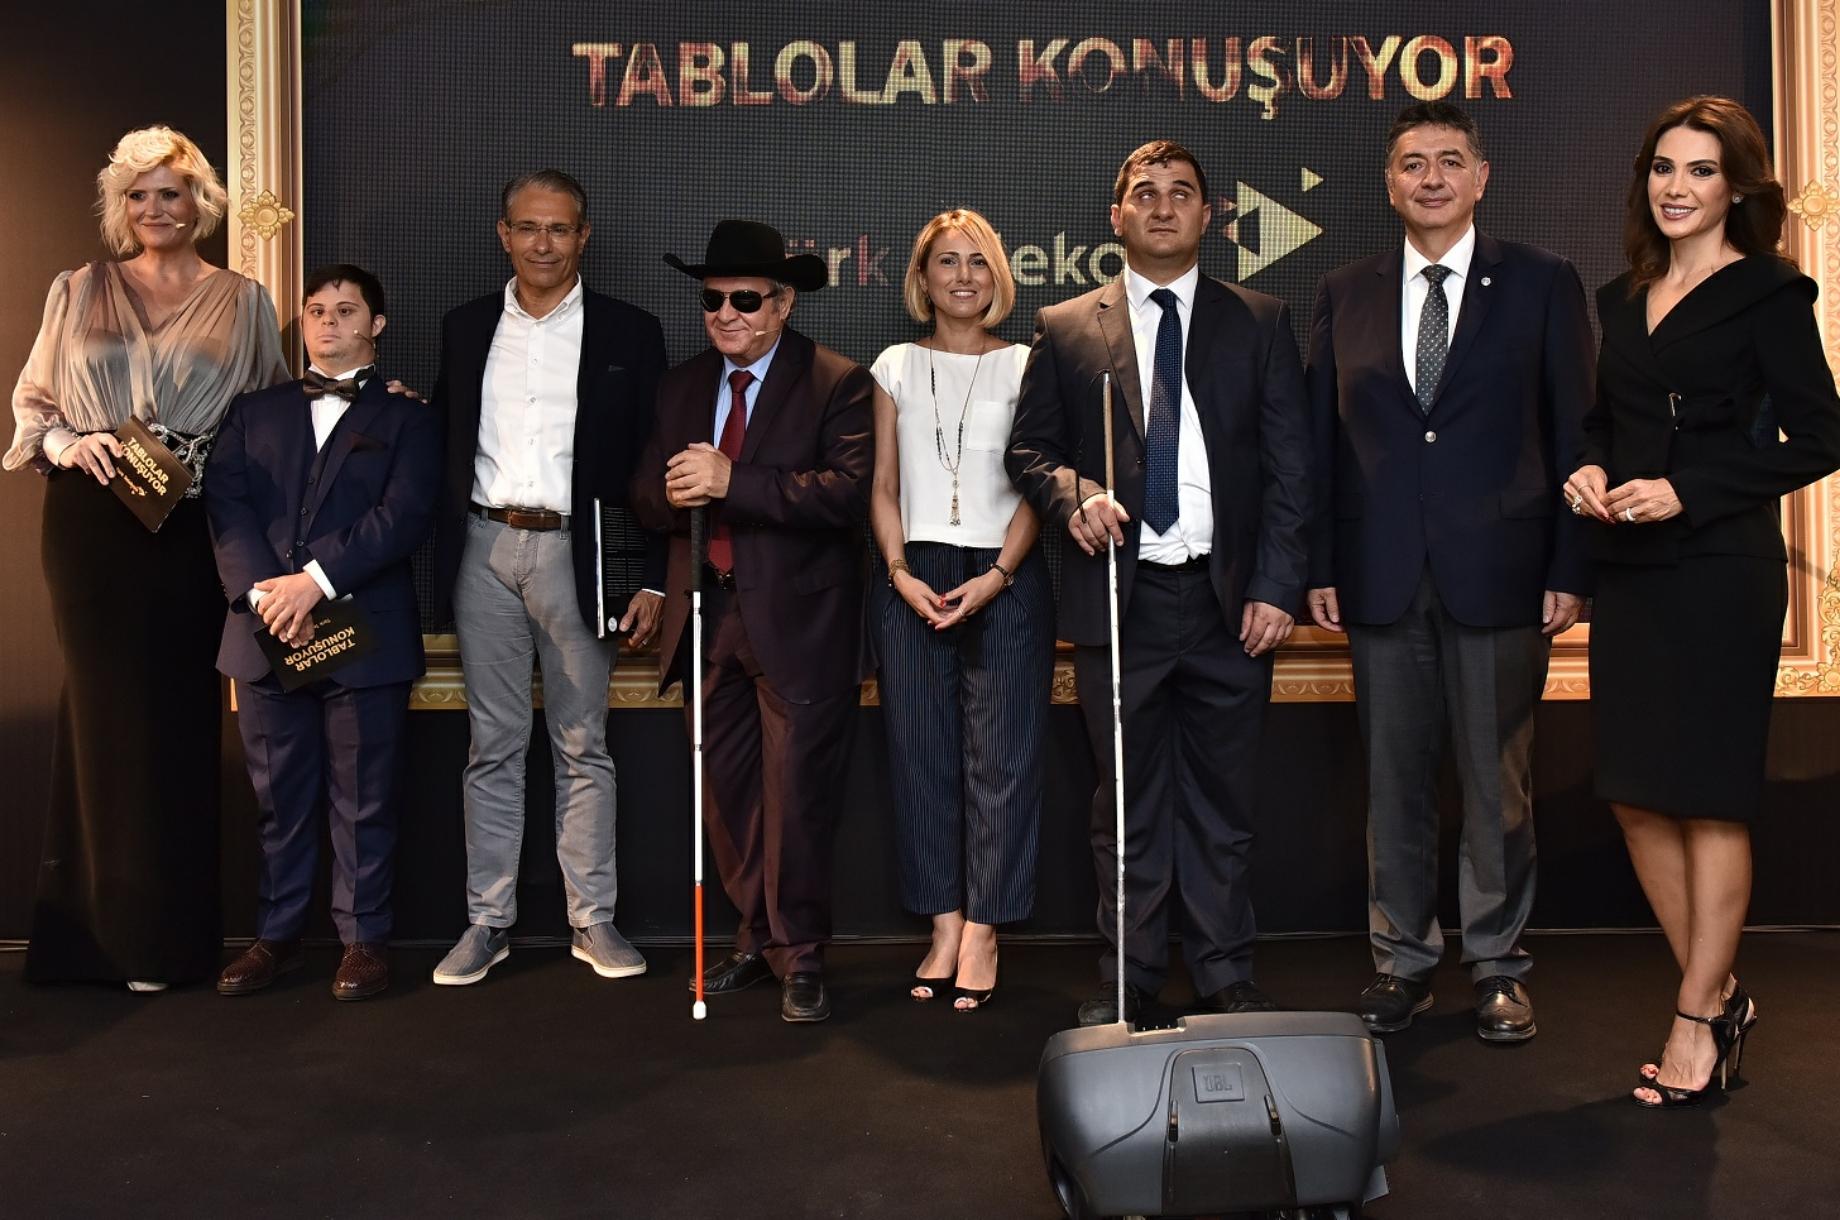 -TÜRK TELEKOM'DAN GÖRME ENGELLİLERE TABLOLAR KONUŞUYOR SERGİSİ